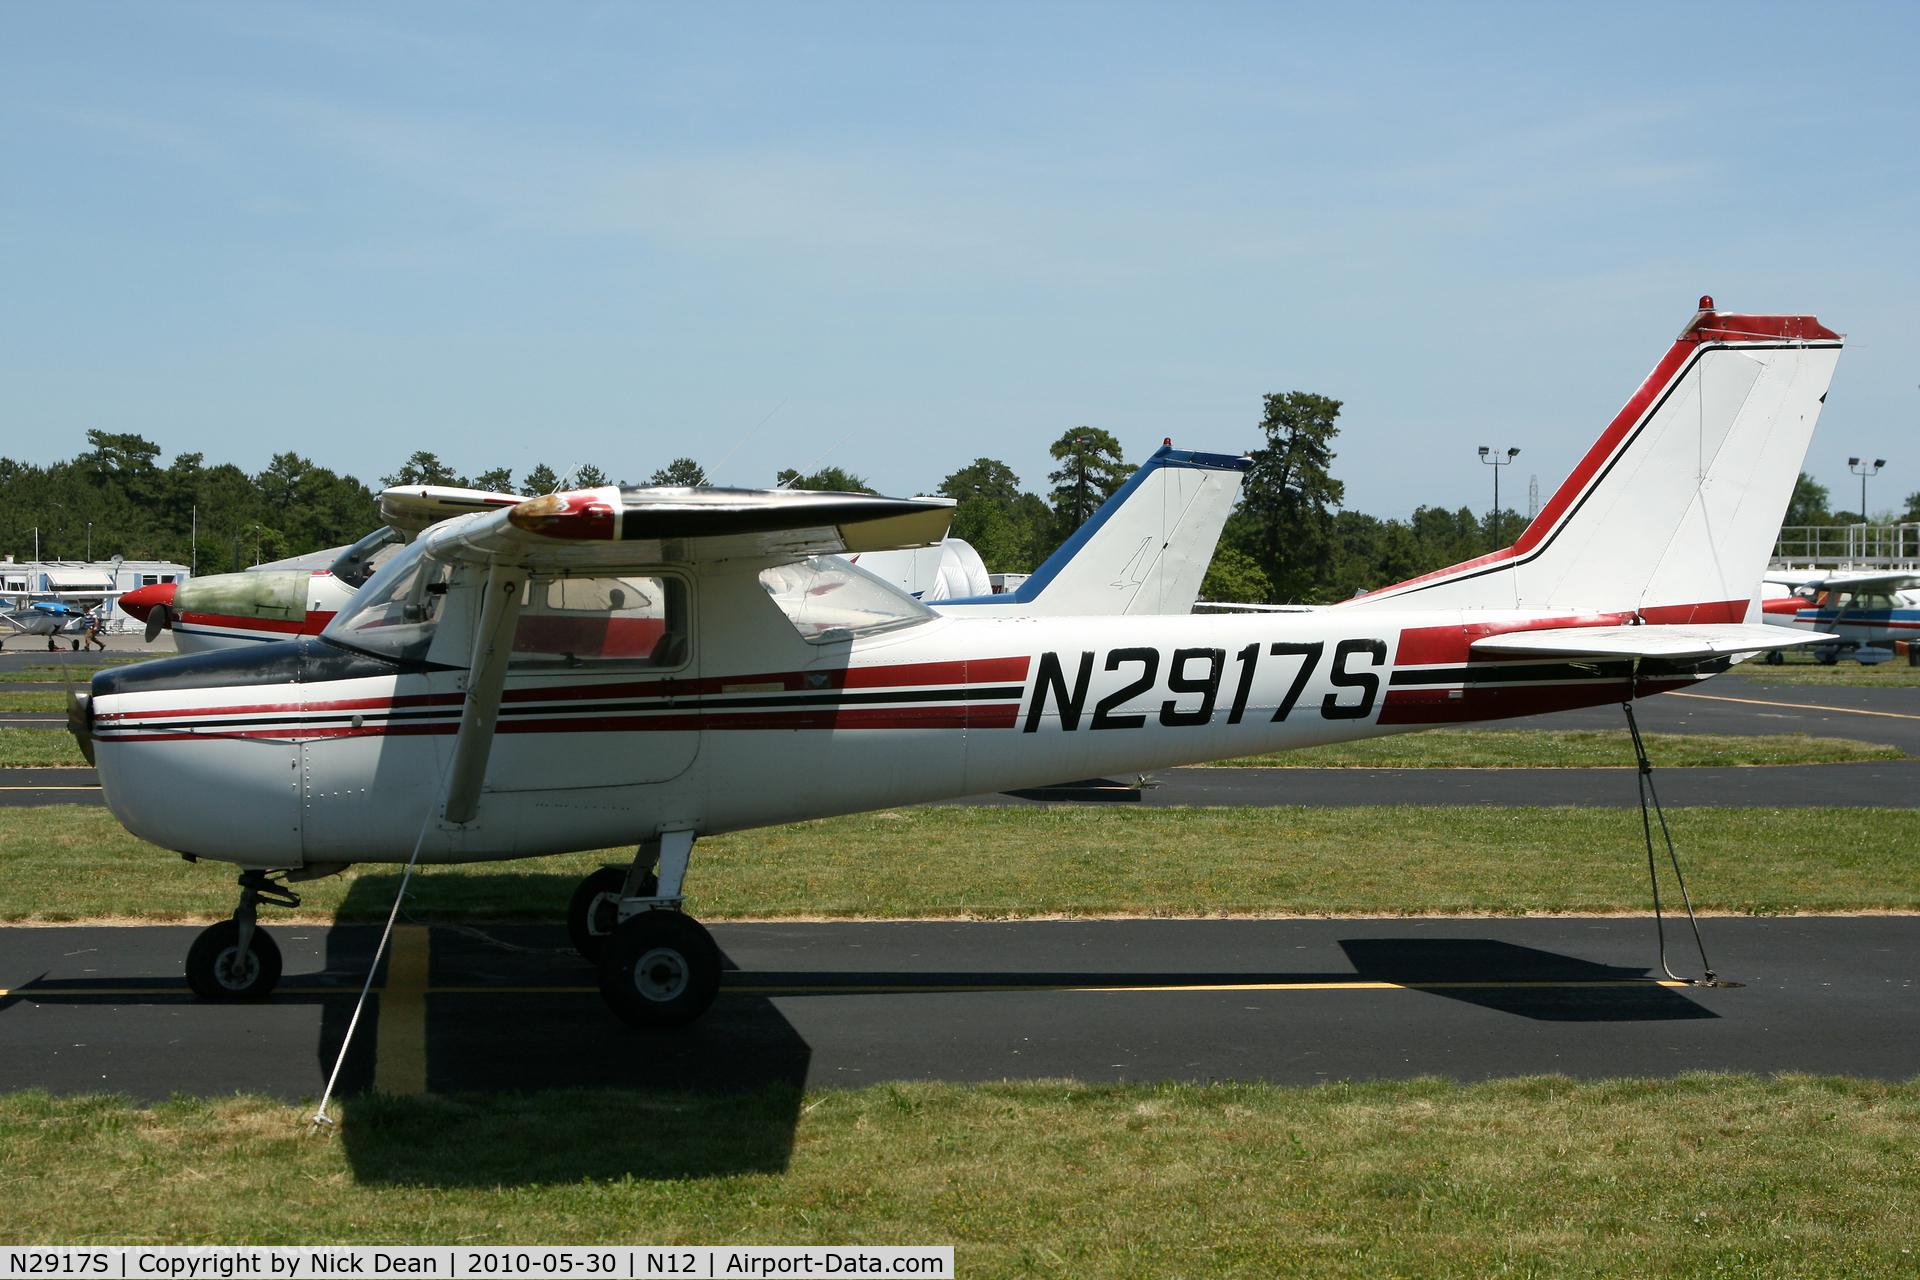 N2917S, 1967 Cessna 150G C/N 15066817, N12